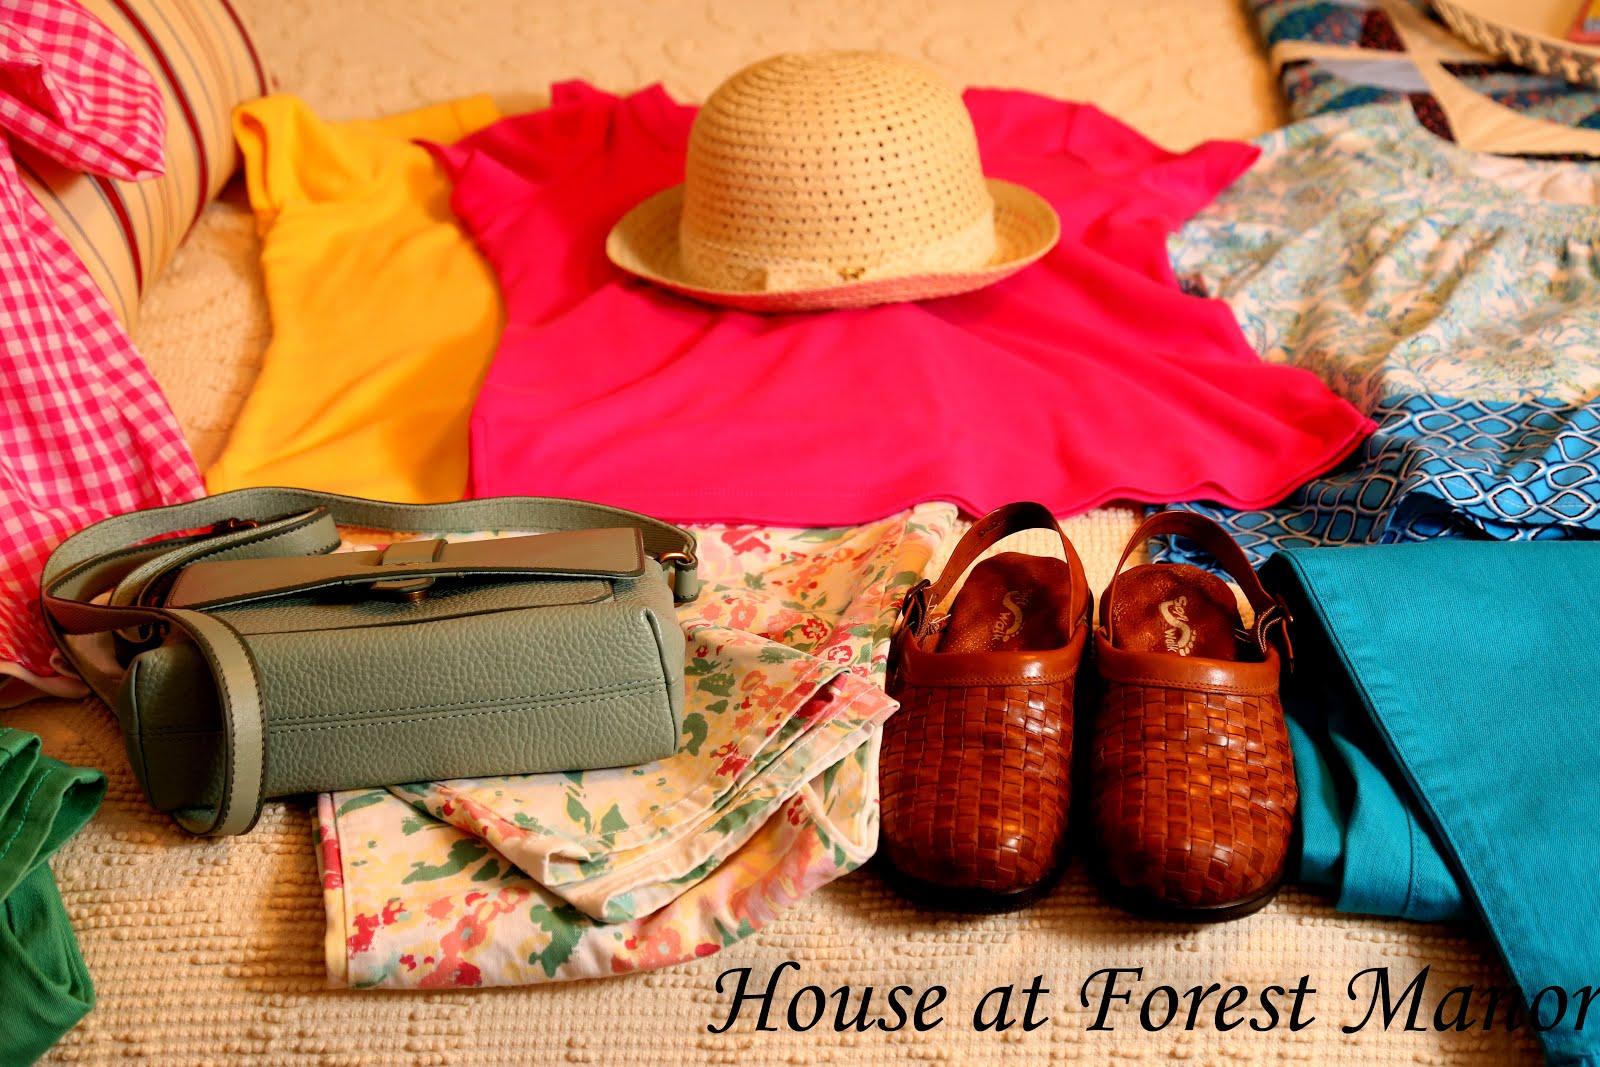 Vacation/Summer Wardrobe